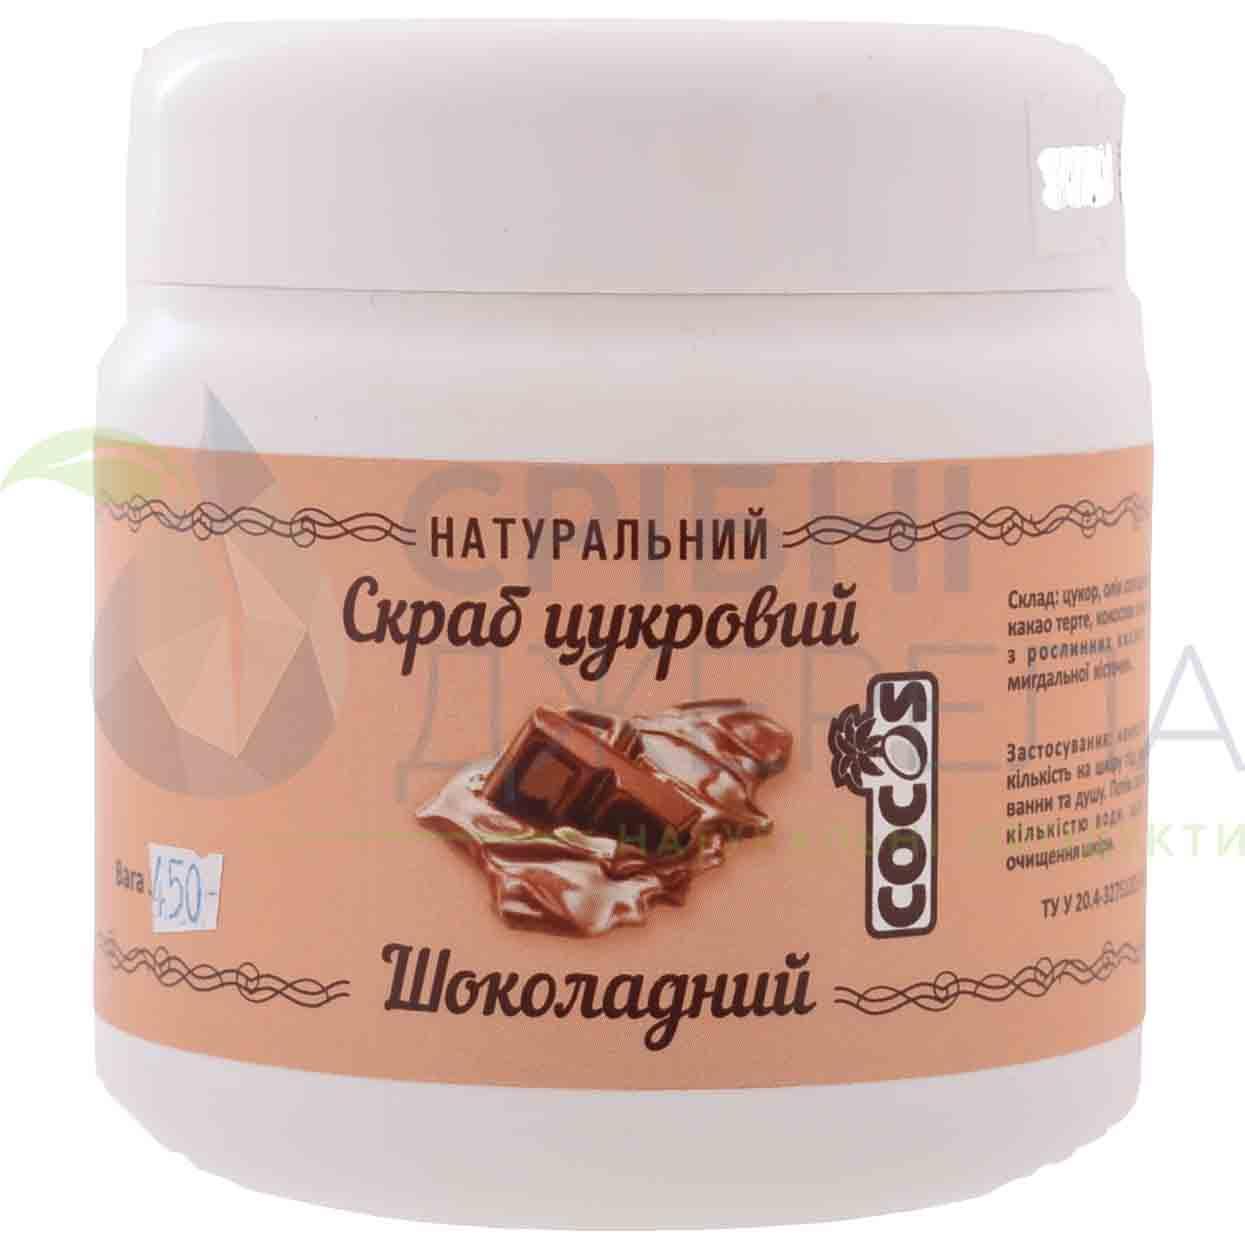 """Натуральный сахарный скраб """"Шоколадный"""", 450 г"""